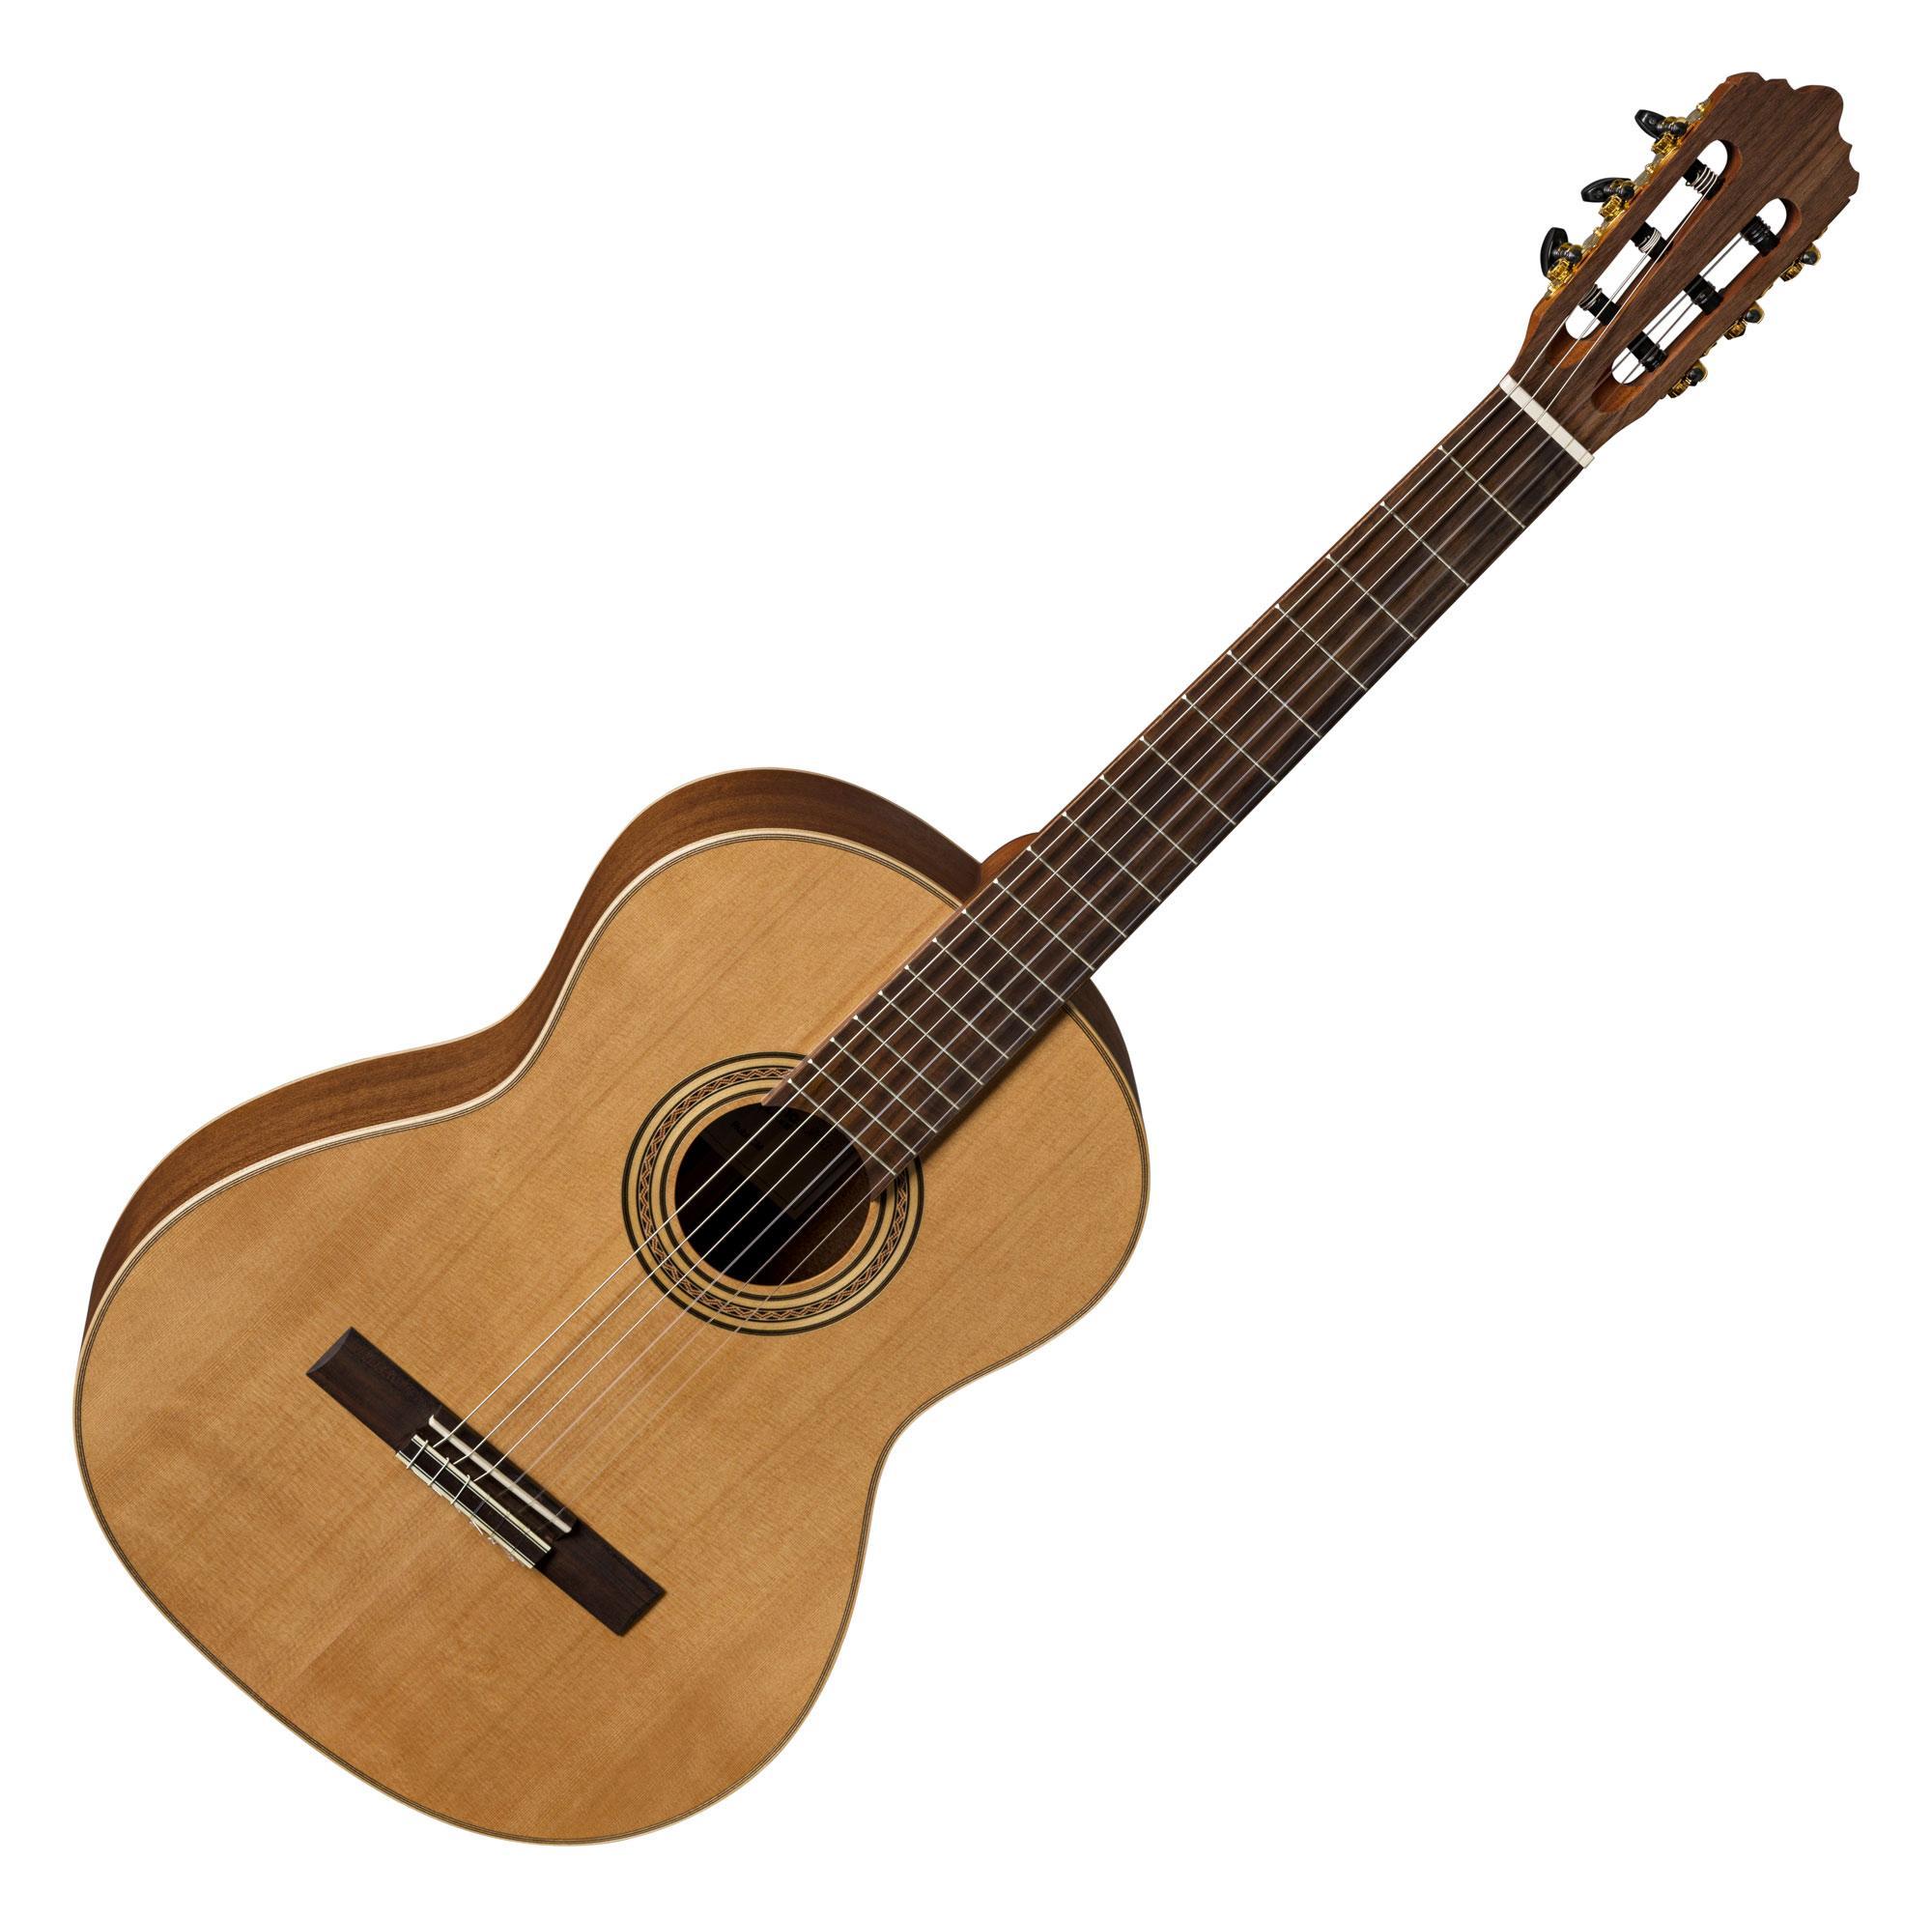 La Mancha Rubi cm|53 1|2 Konzertgitarre